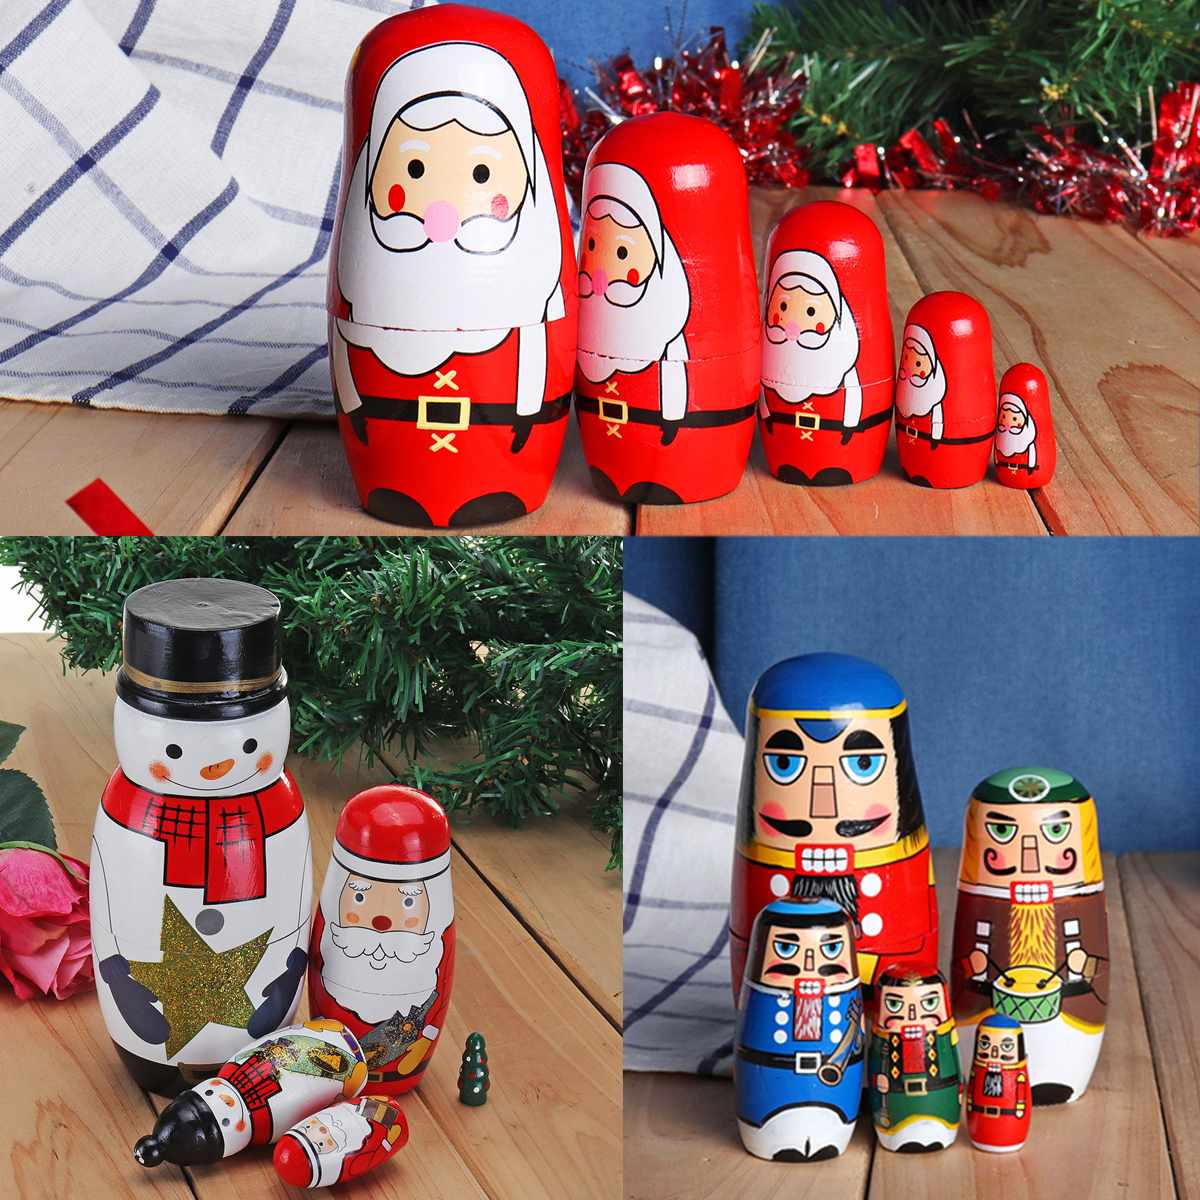 Russo matryoshka bonecas artesanal christams santa aninhamento bonecas conjunto matryoshka bonecas brinquedos decoração para casa crianças presente de natal